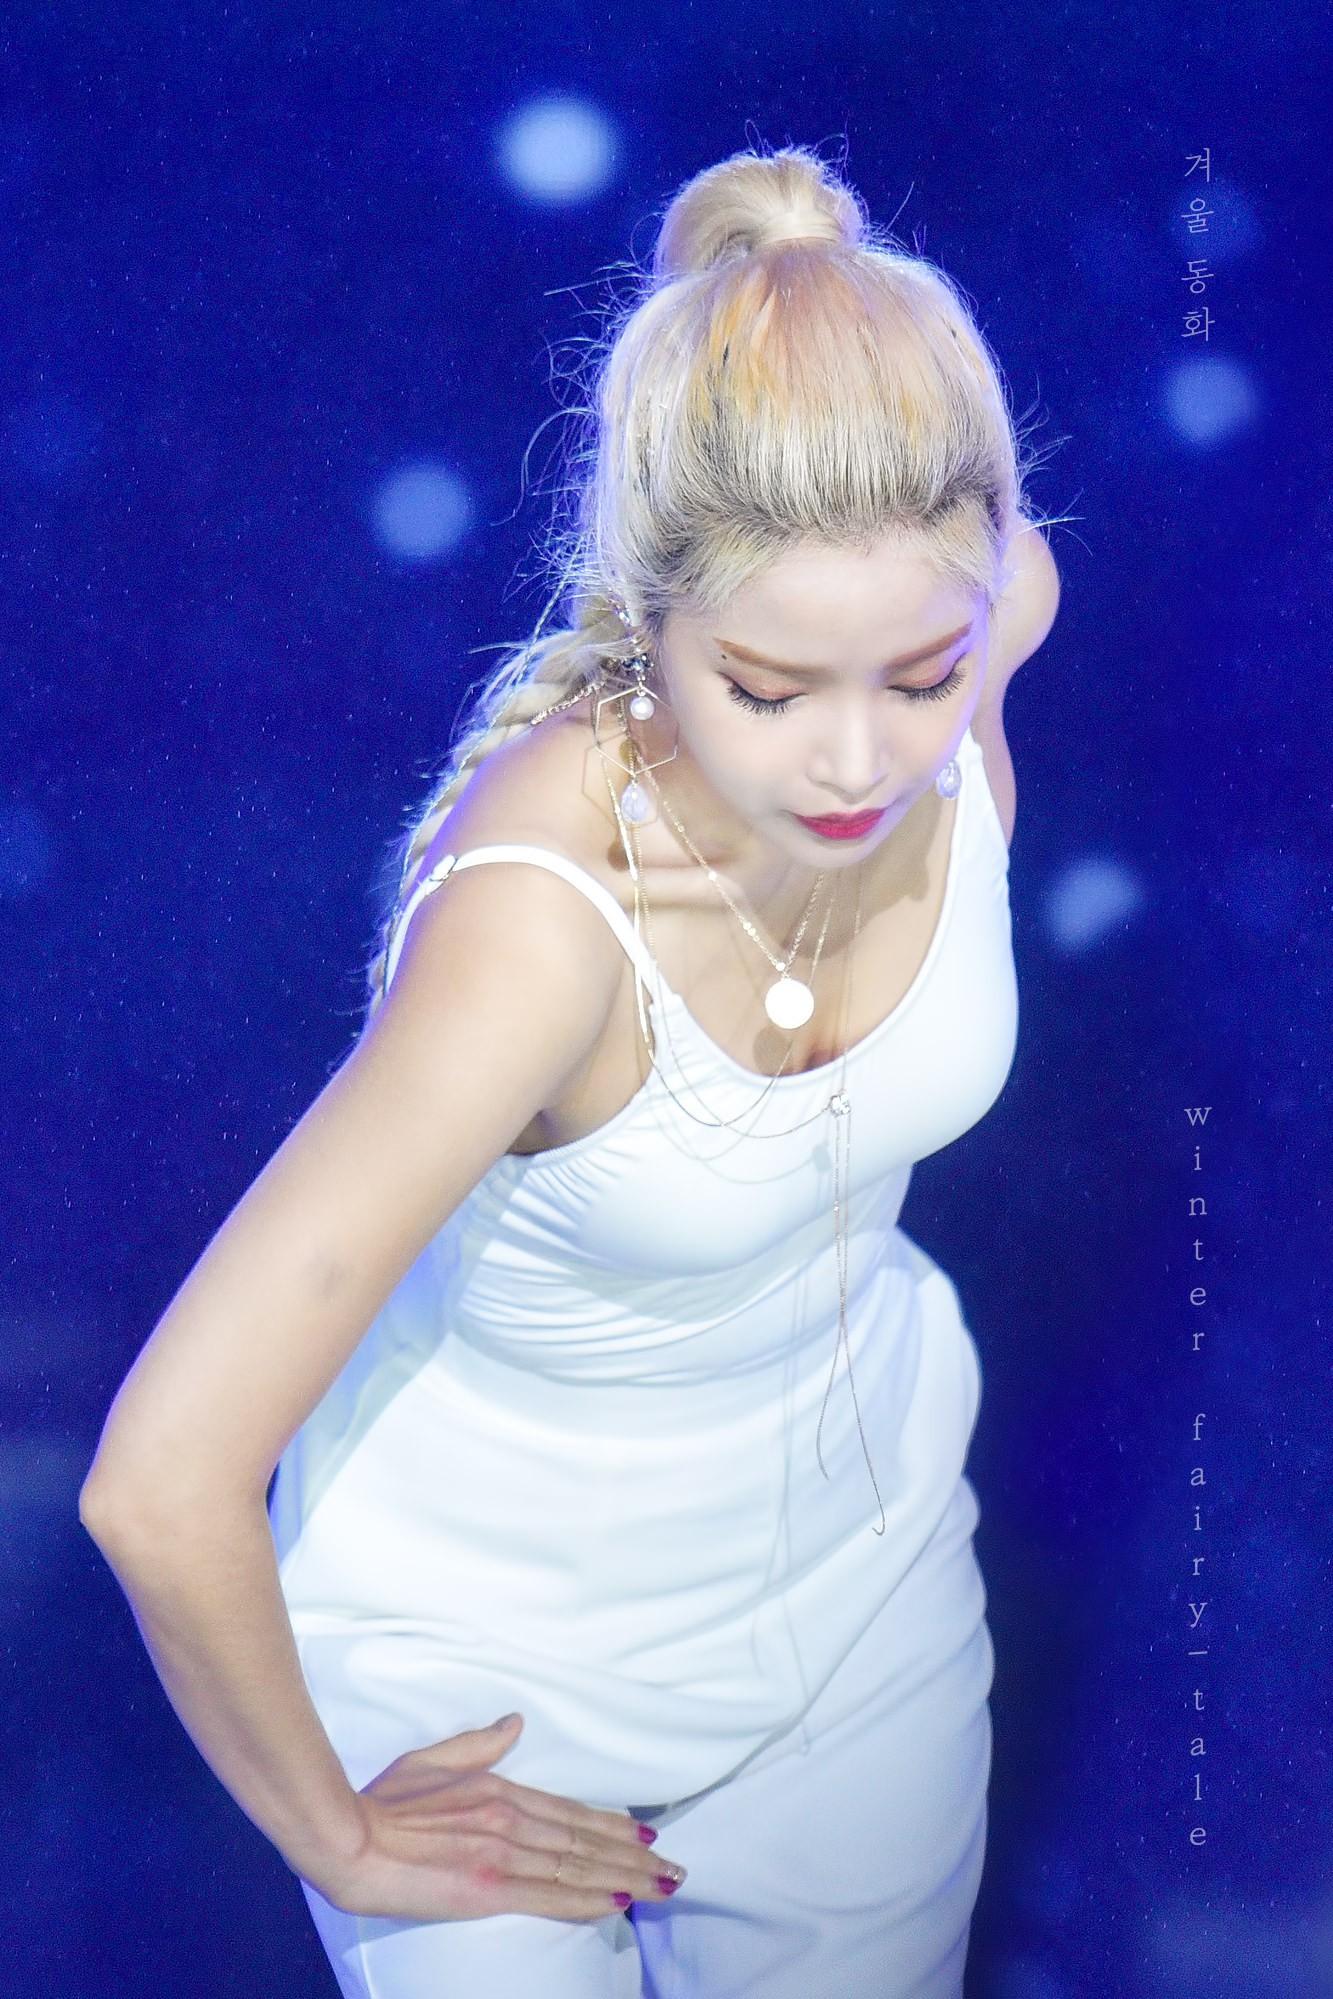 Thần thái đỉnh đã đành, idol nữ này còn gây sốt với body 'như được chạm khắc bởi các thiên thần' 5